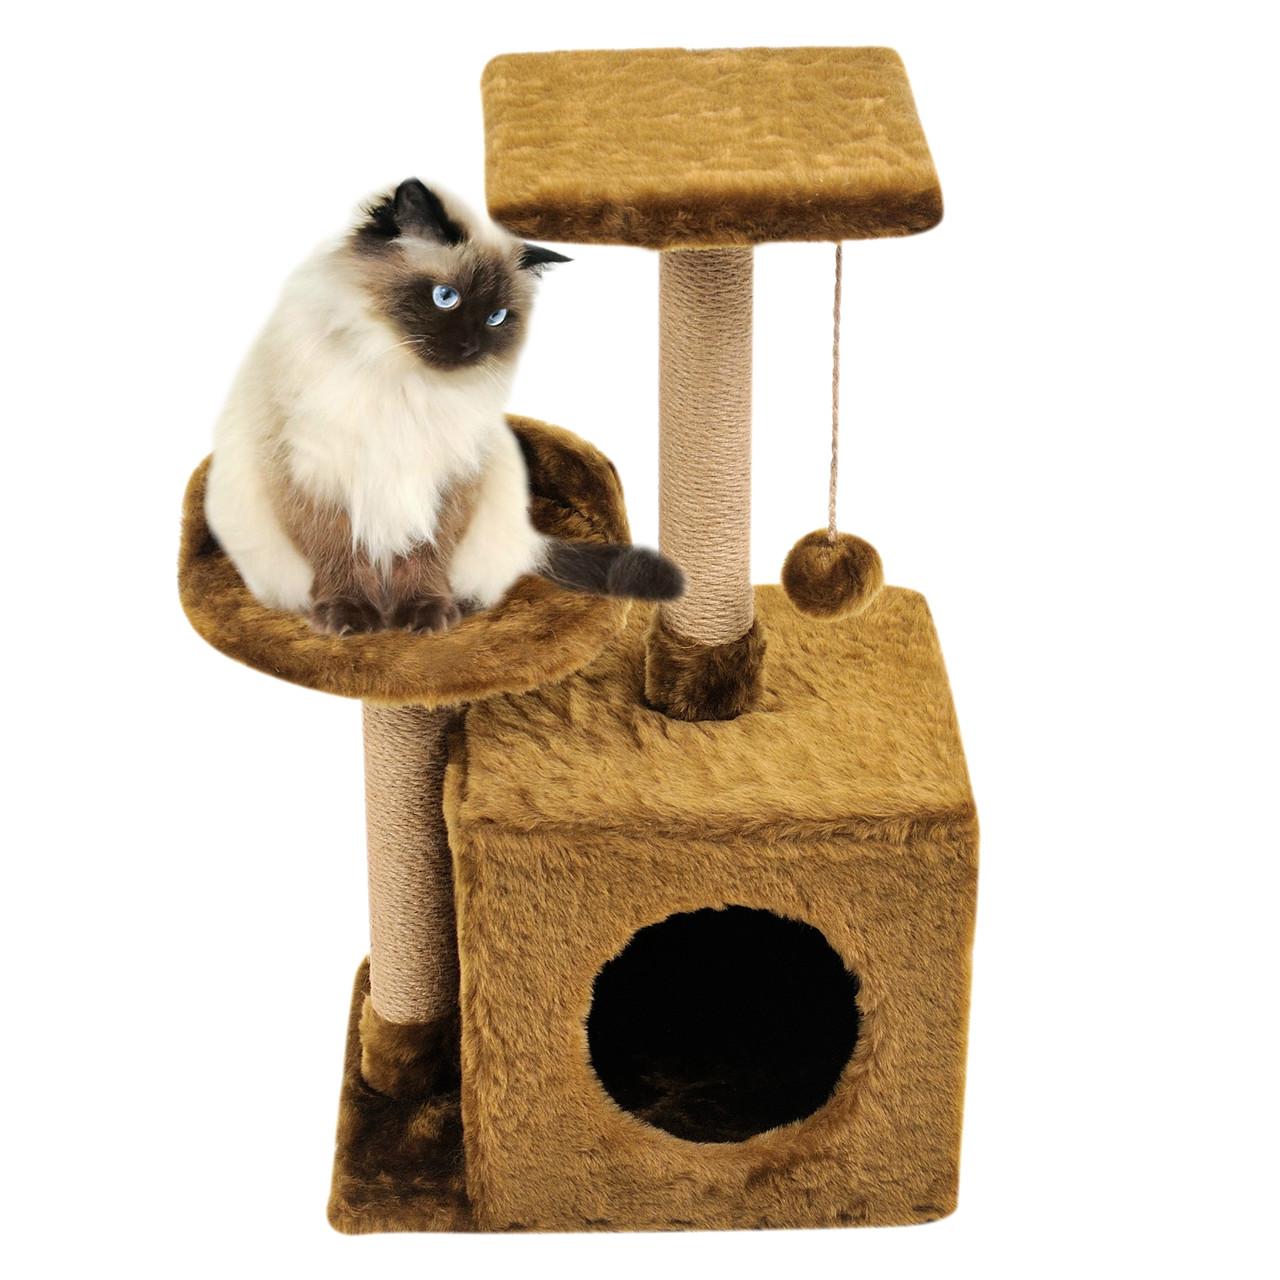 Домик-когтеточка с полкой Бусинка 43х33х75 см (дряпка) для кошки Коричневый